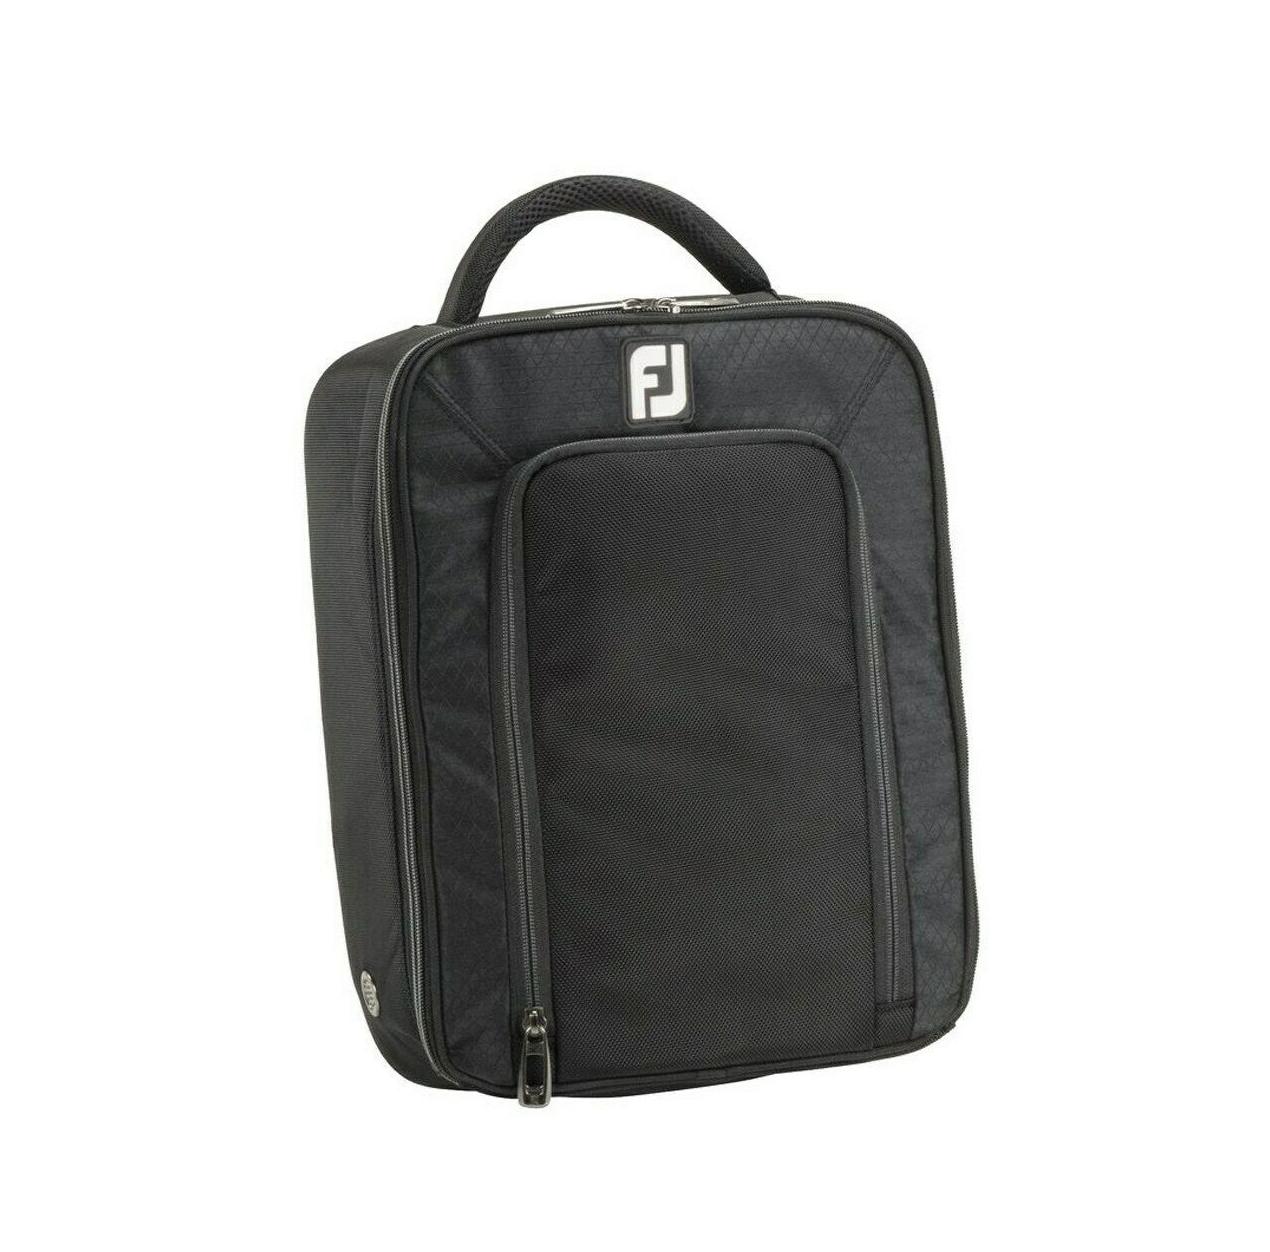 FJ Deluxe  Shoe Bag Black Nylon